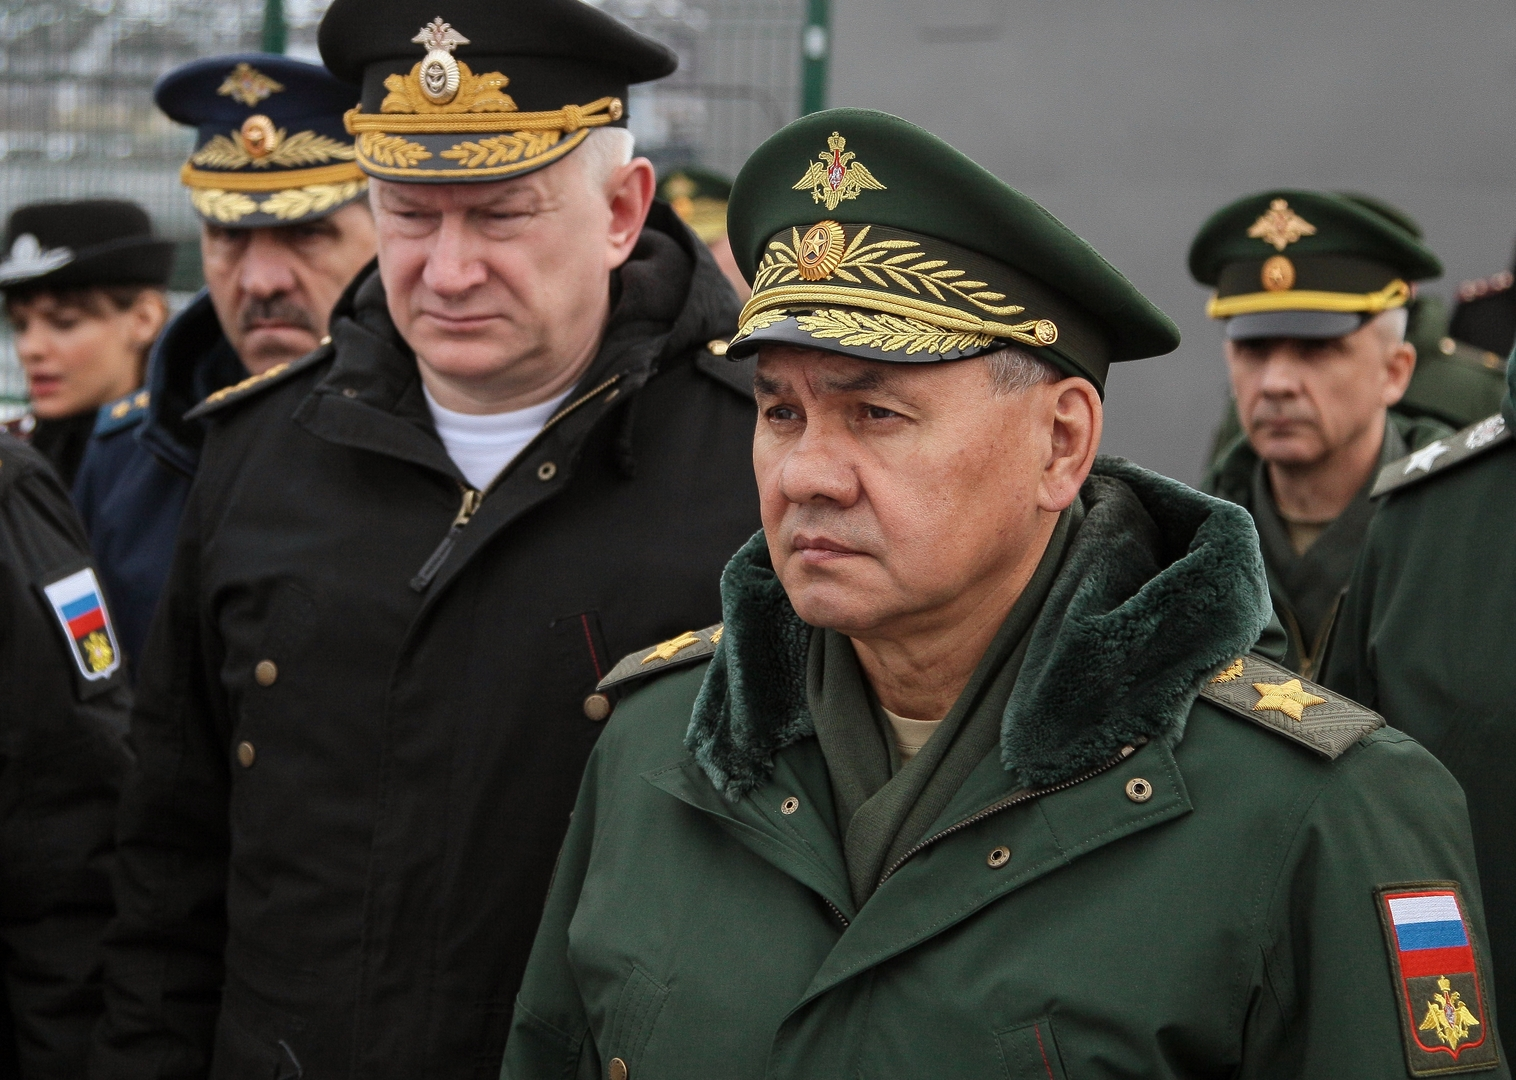 وزارتا الدفاع في روسيا وأوزبكستان تعدان برنامج شراكة بينهما